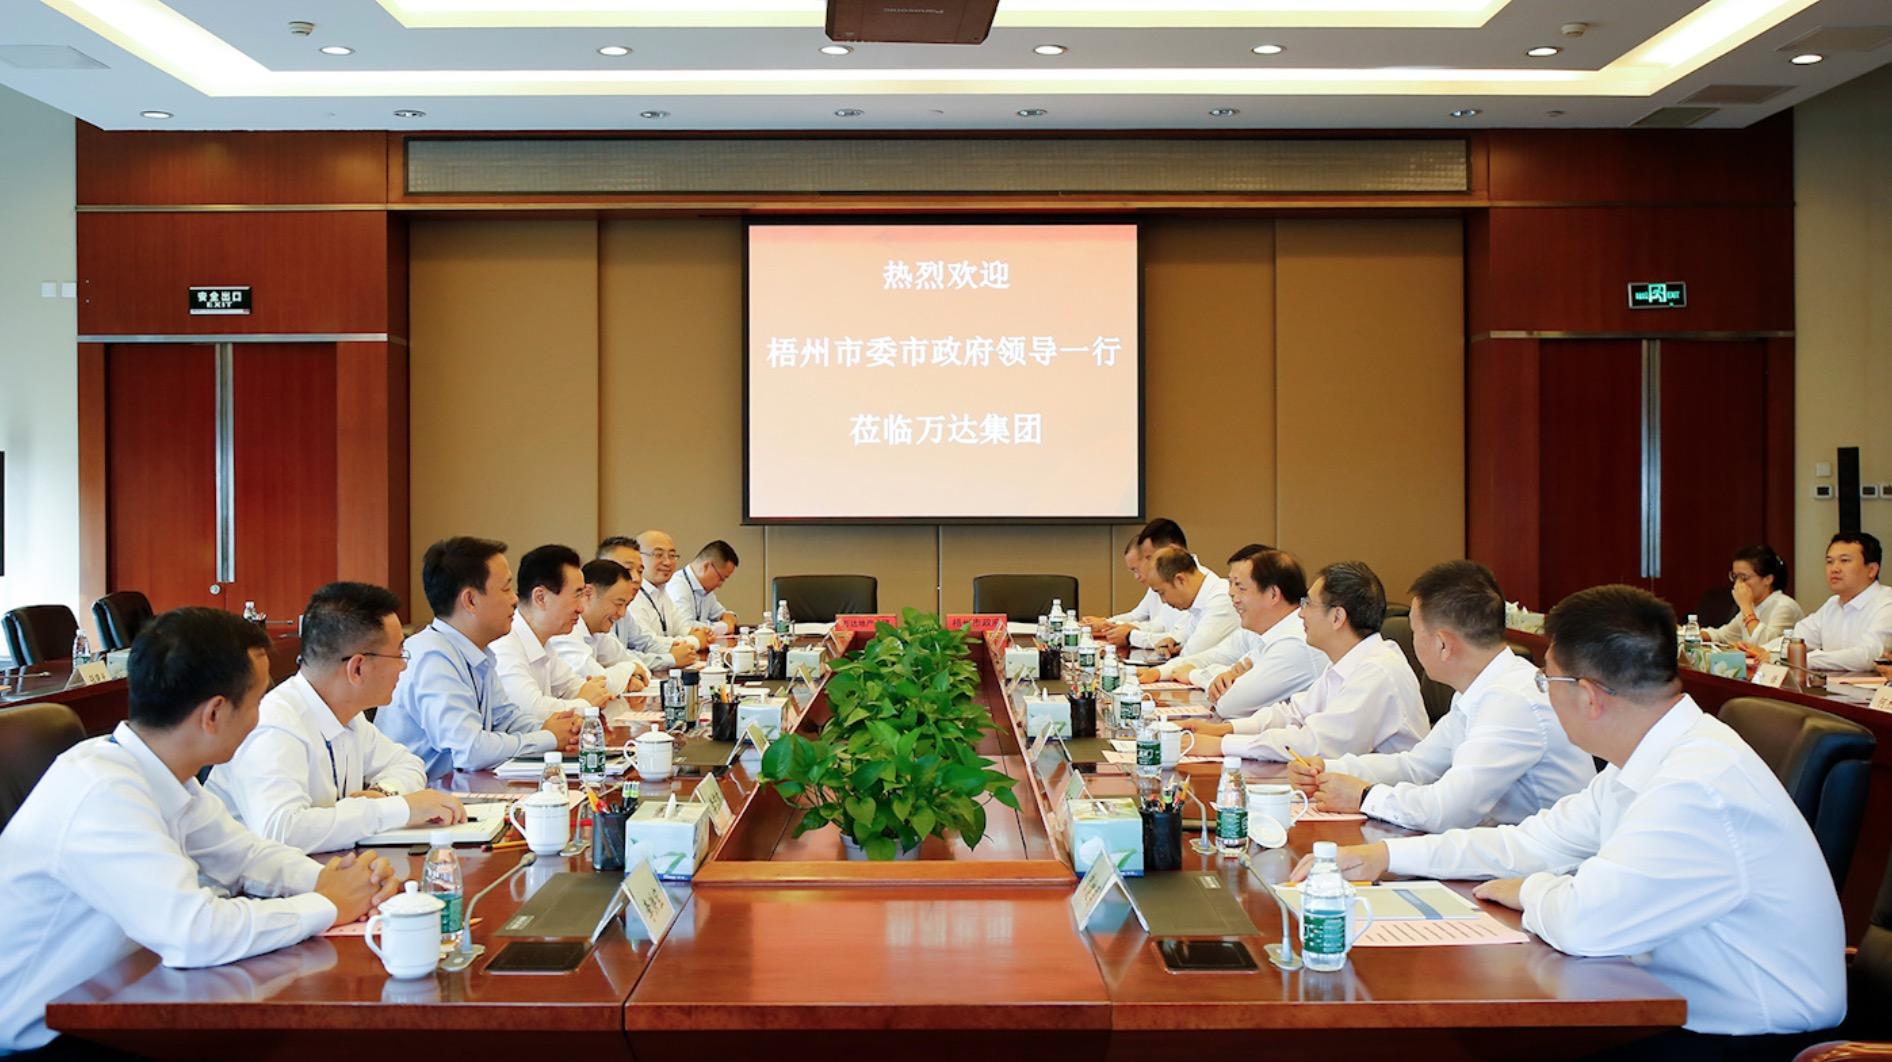 王健林董事长会见梧州市委书记全桂寿市长李杰云